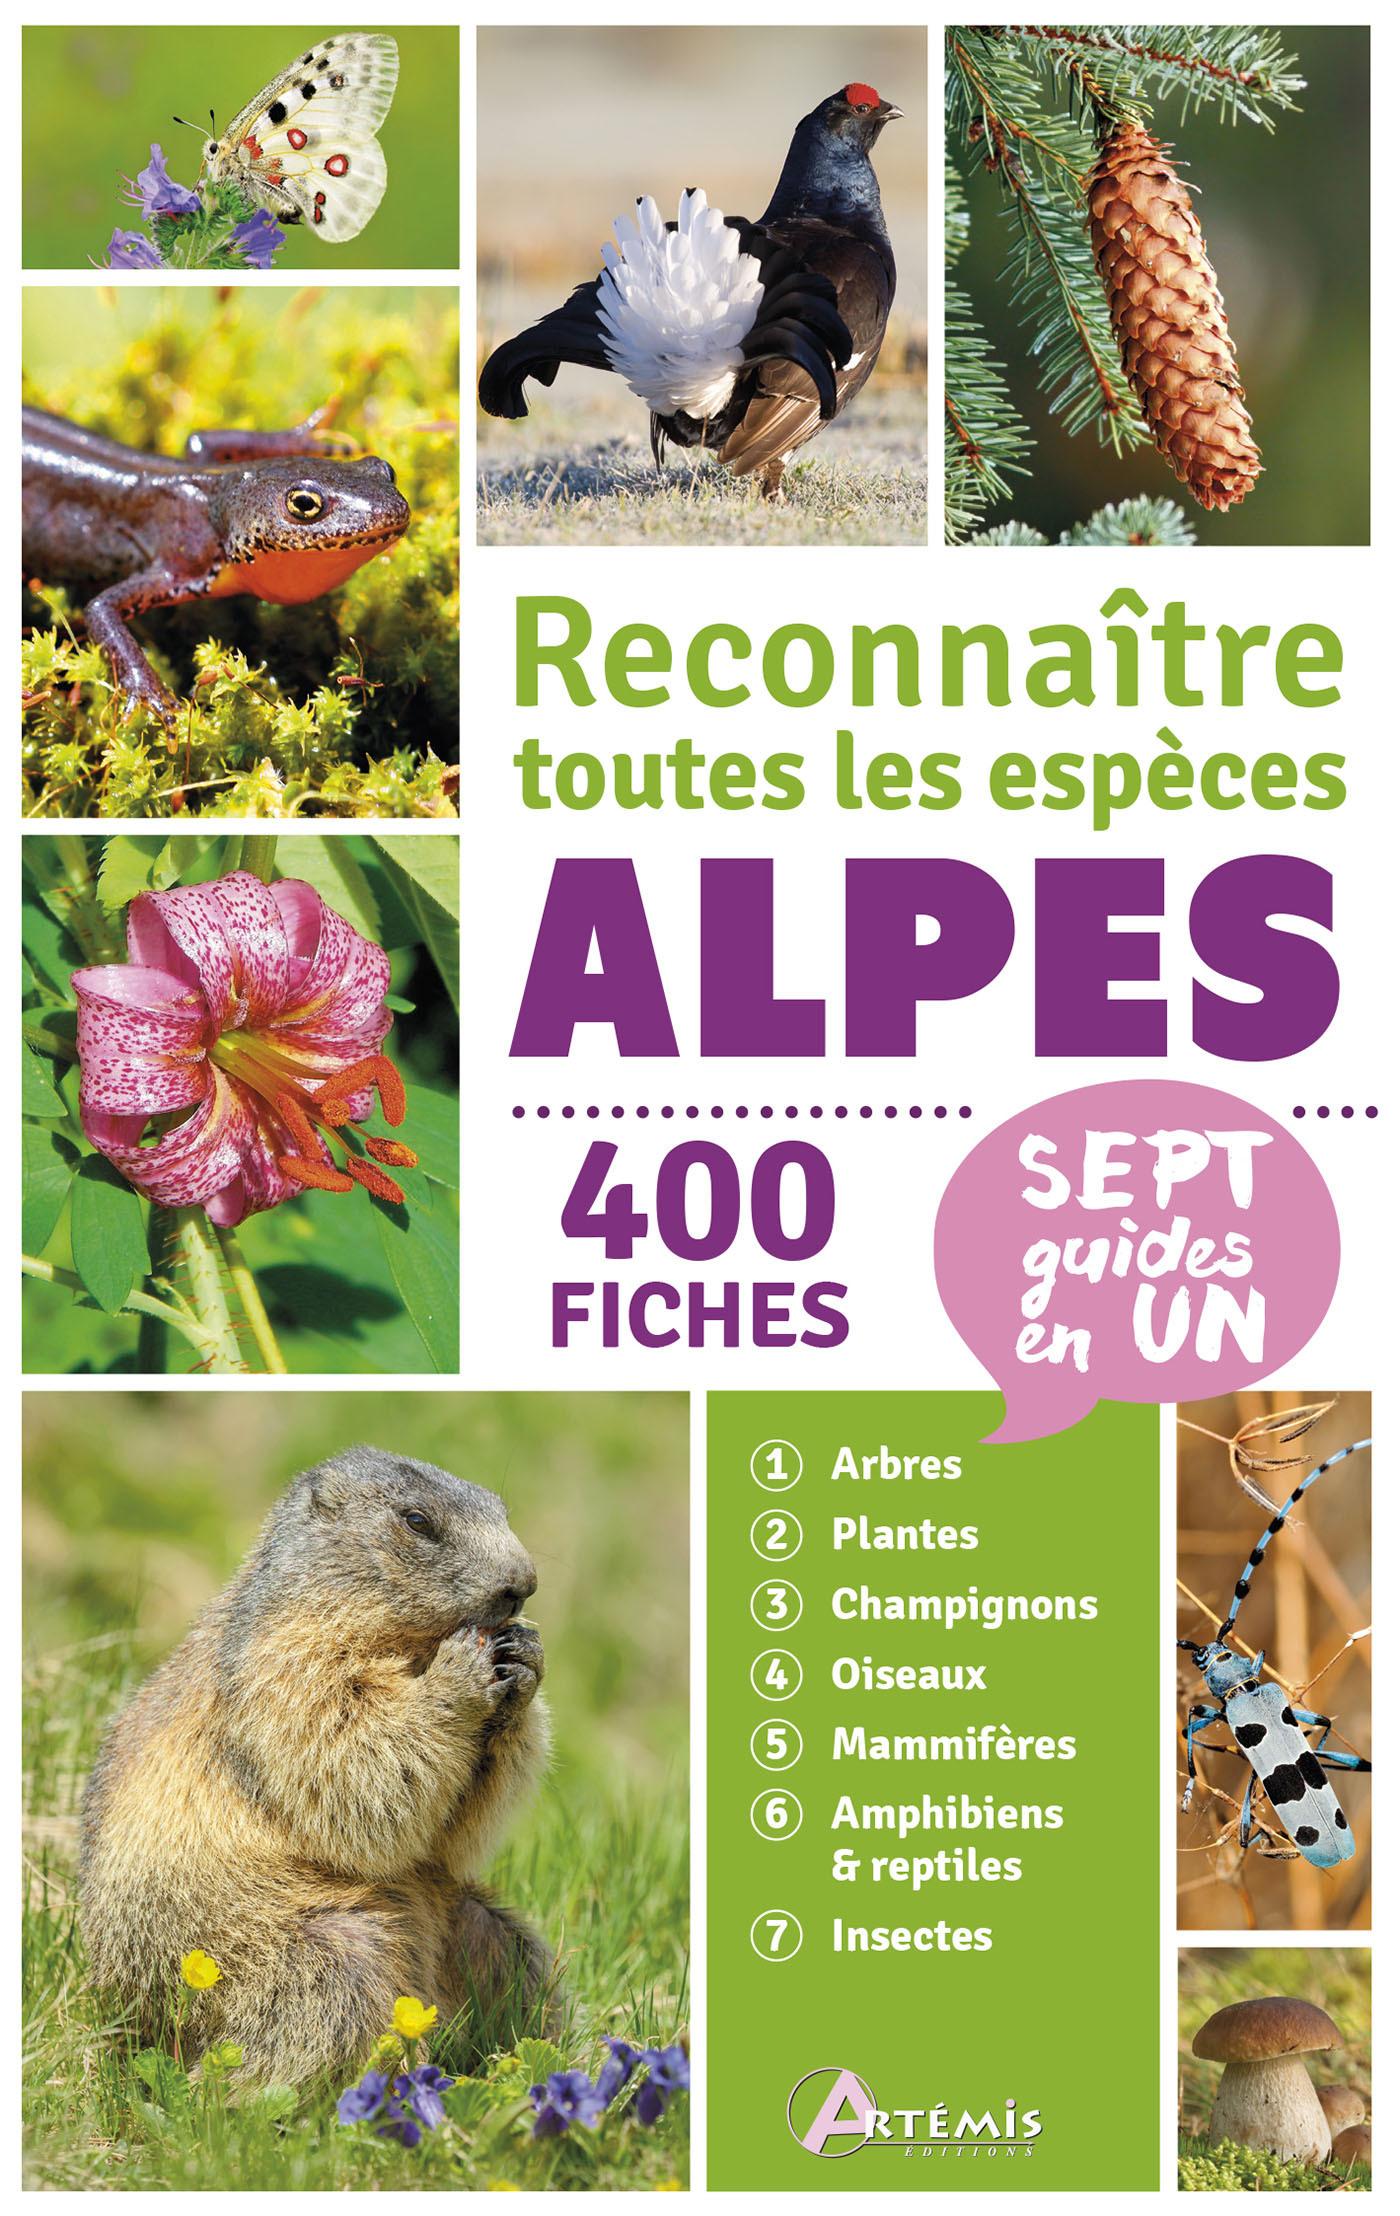 ALPES RECONNAITRE TOUTES LES ESPECES 400 FICHES